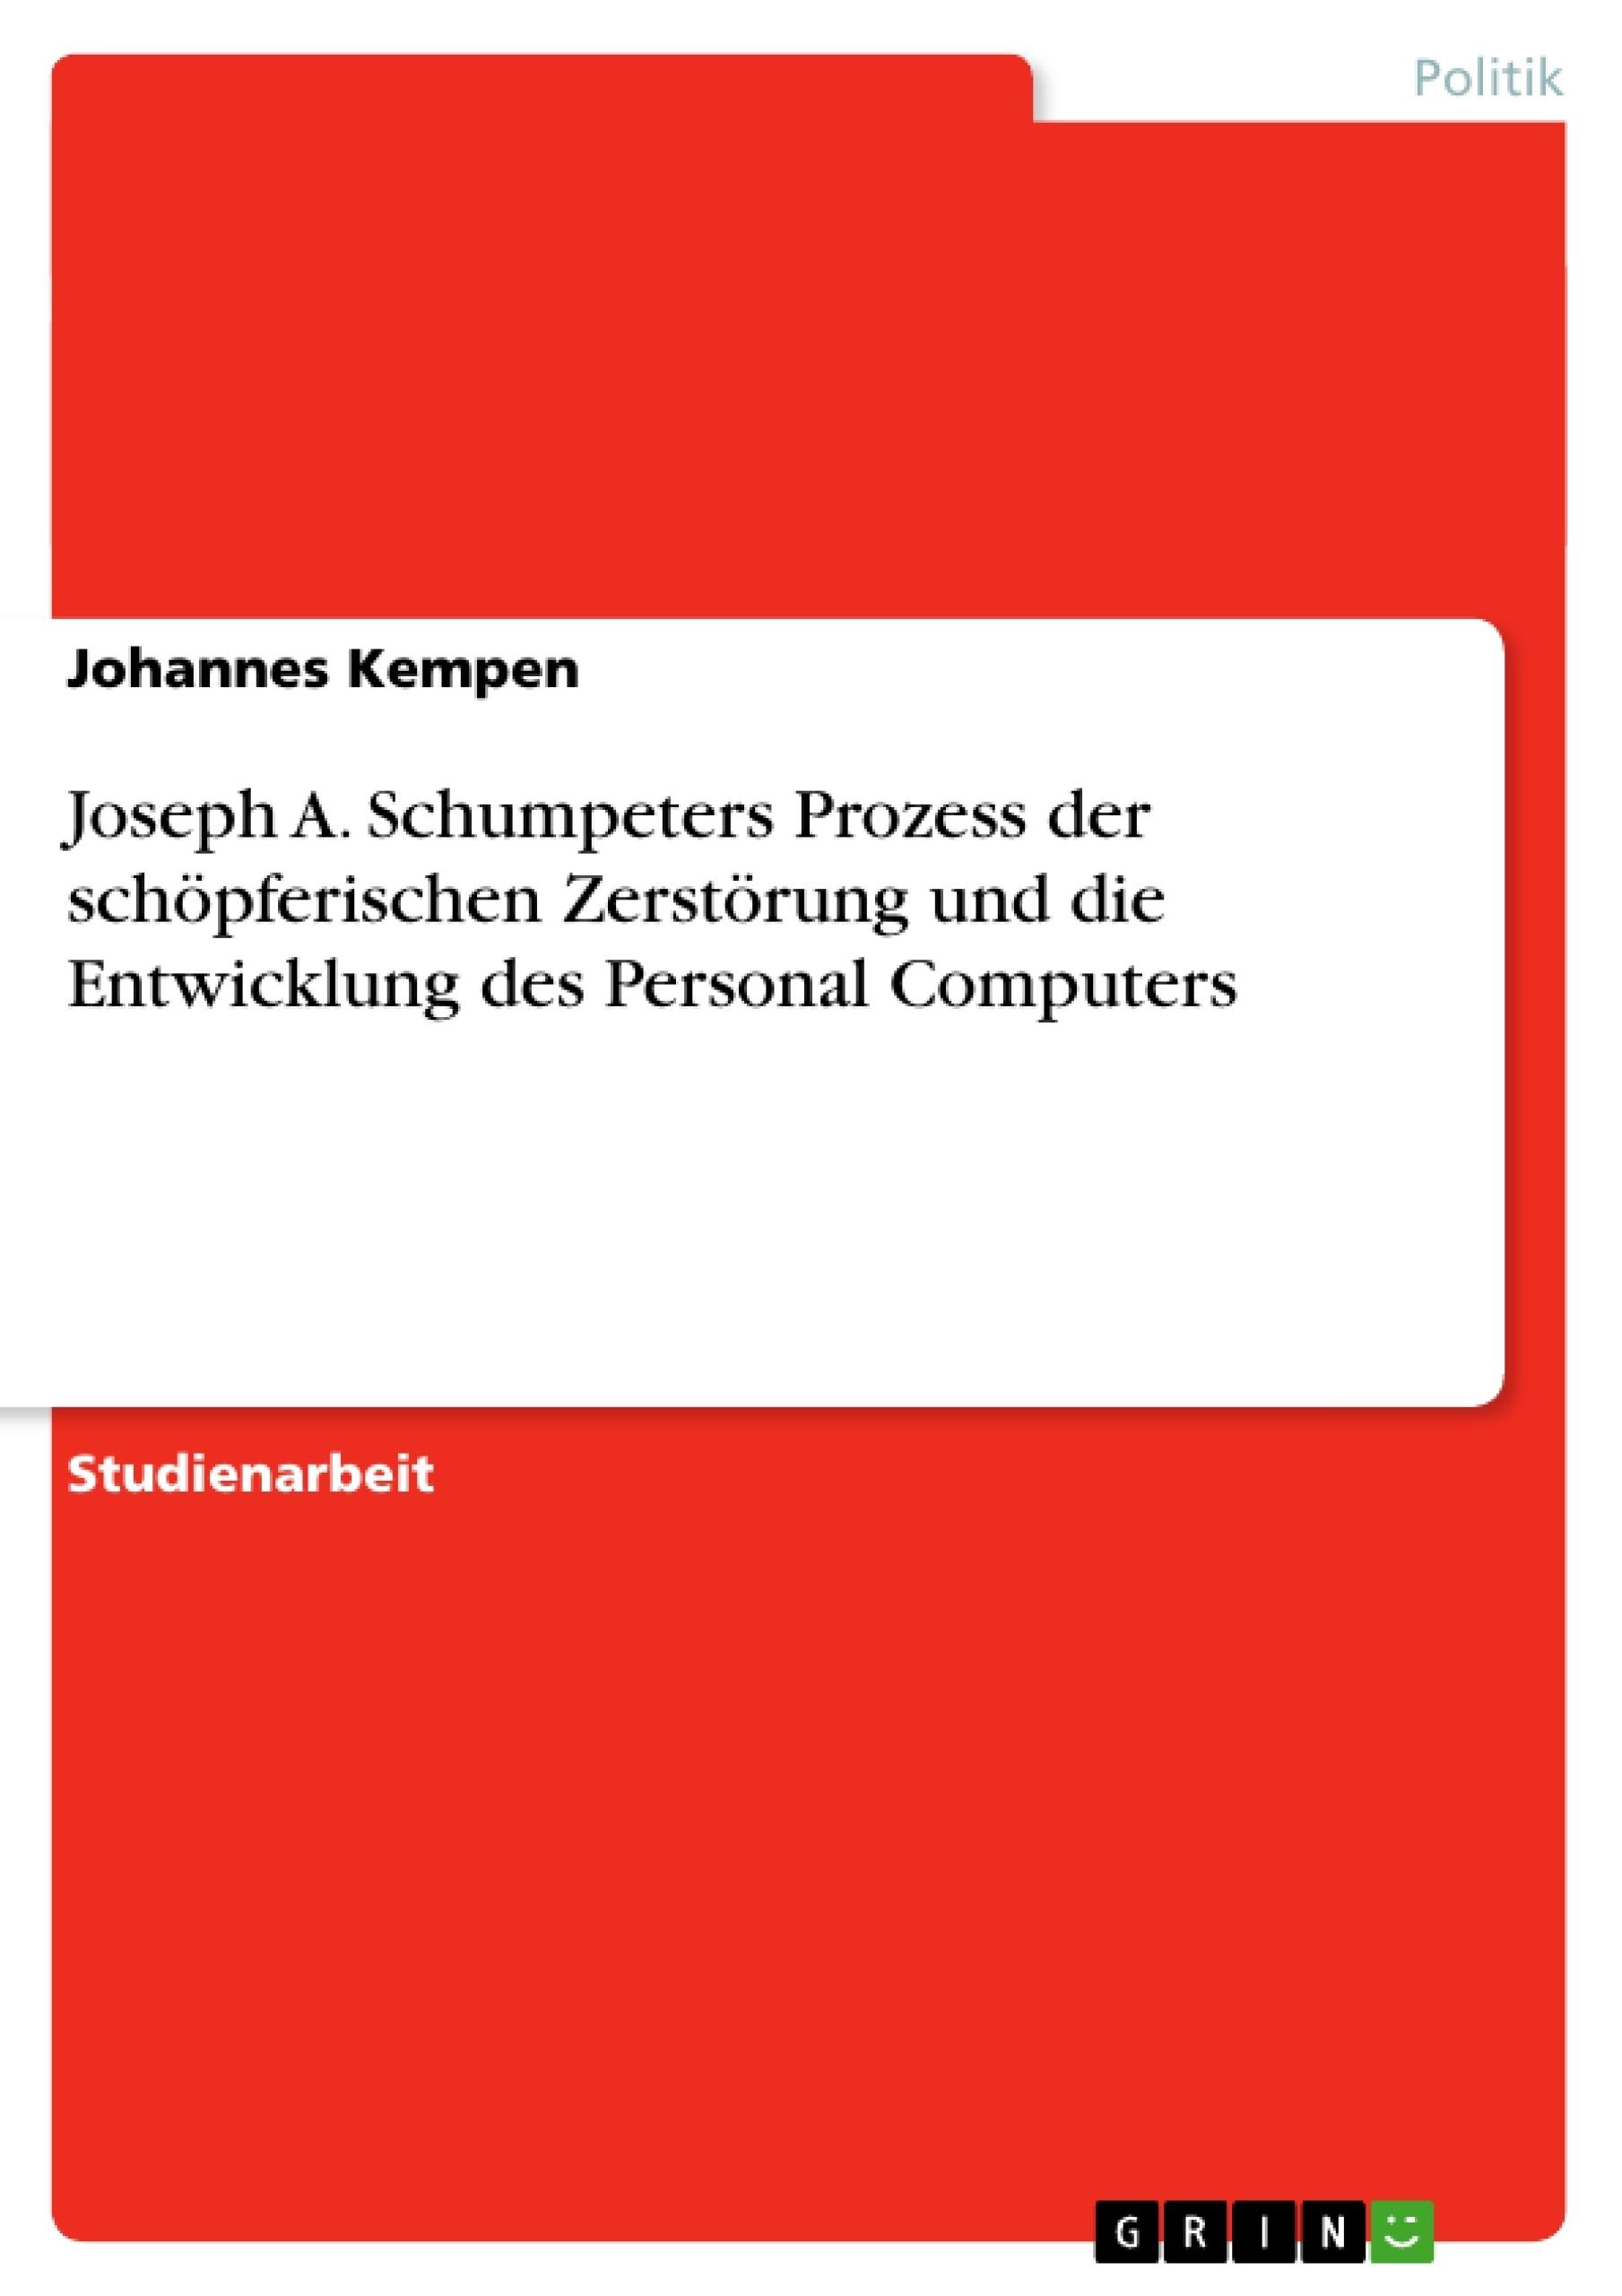 Titel: Joseph A. Schumpeters Prozess der schöpferischen Zerstörung und die Entwicklung des Personal Computers